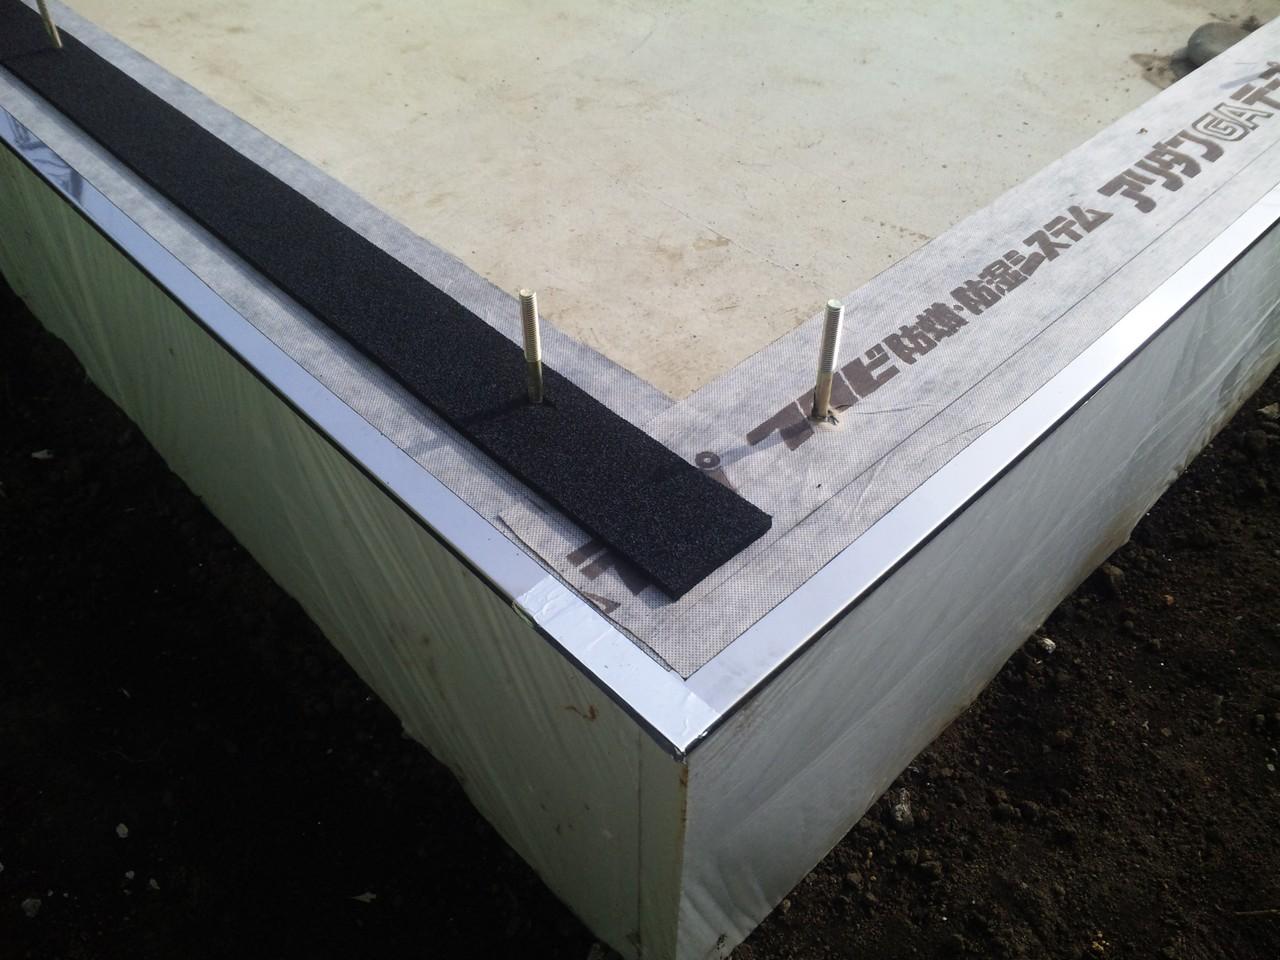 防湿シート並びに気密パッキンの敷設 スーパーウォール工法